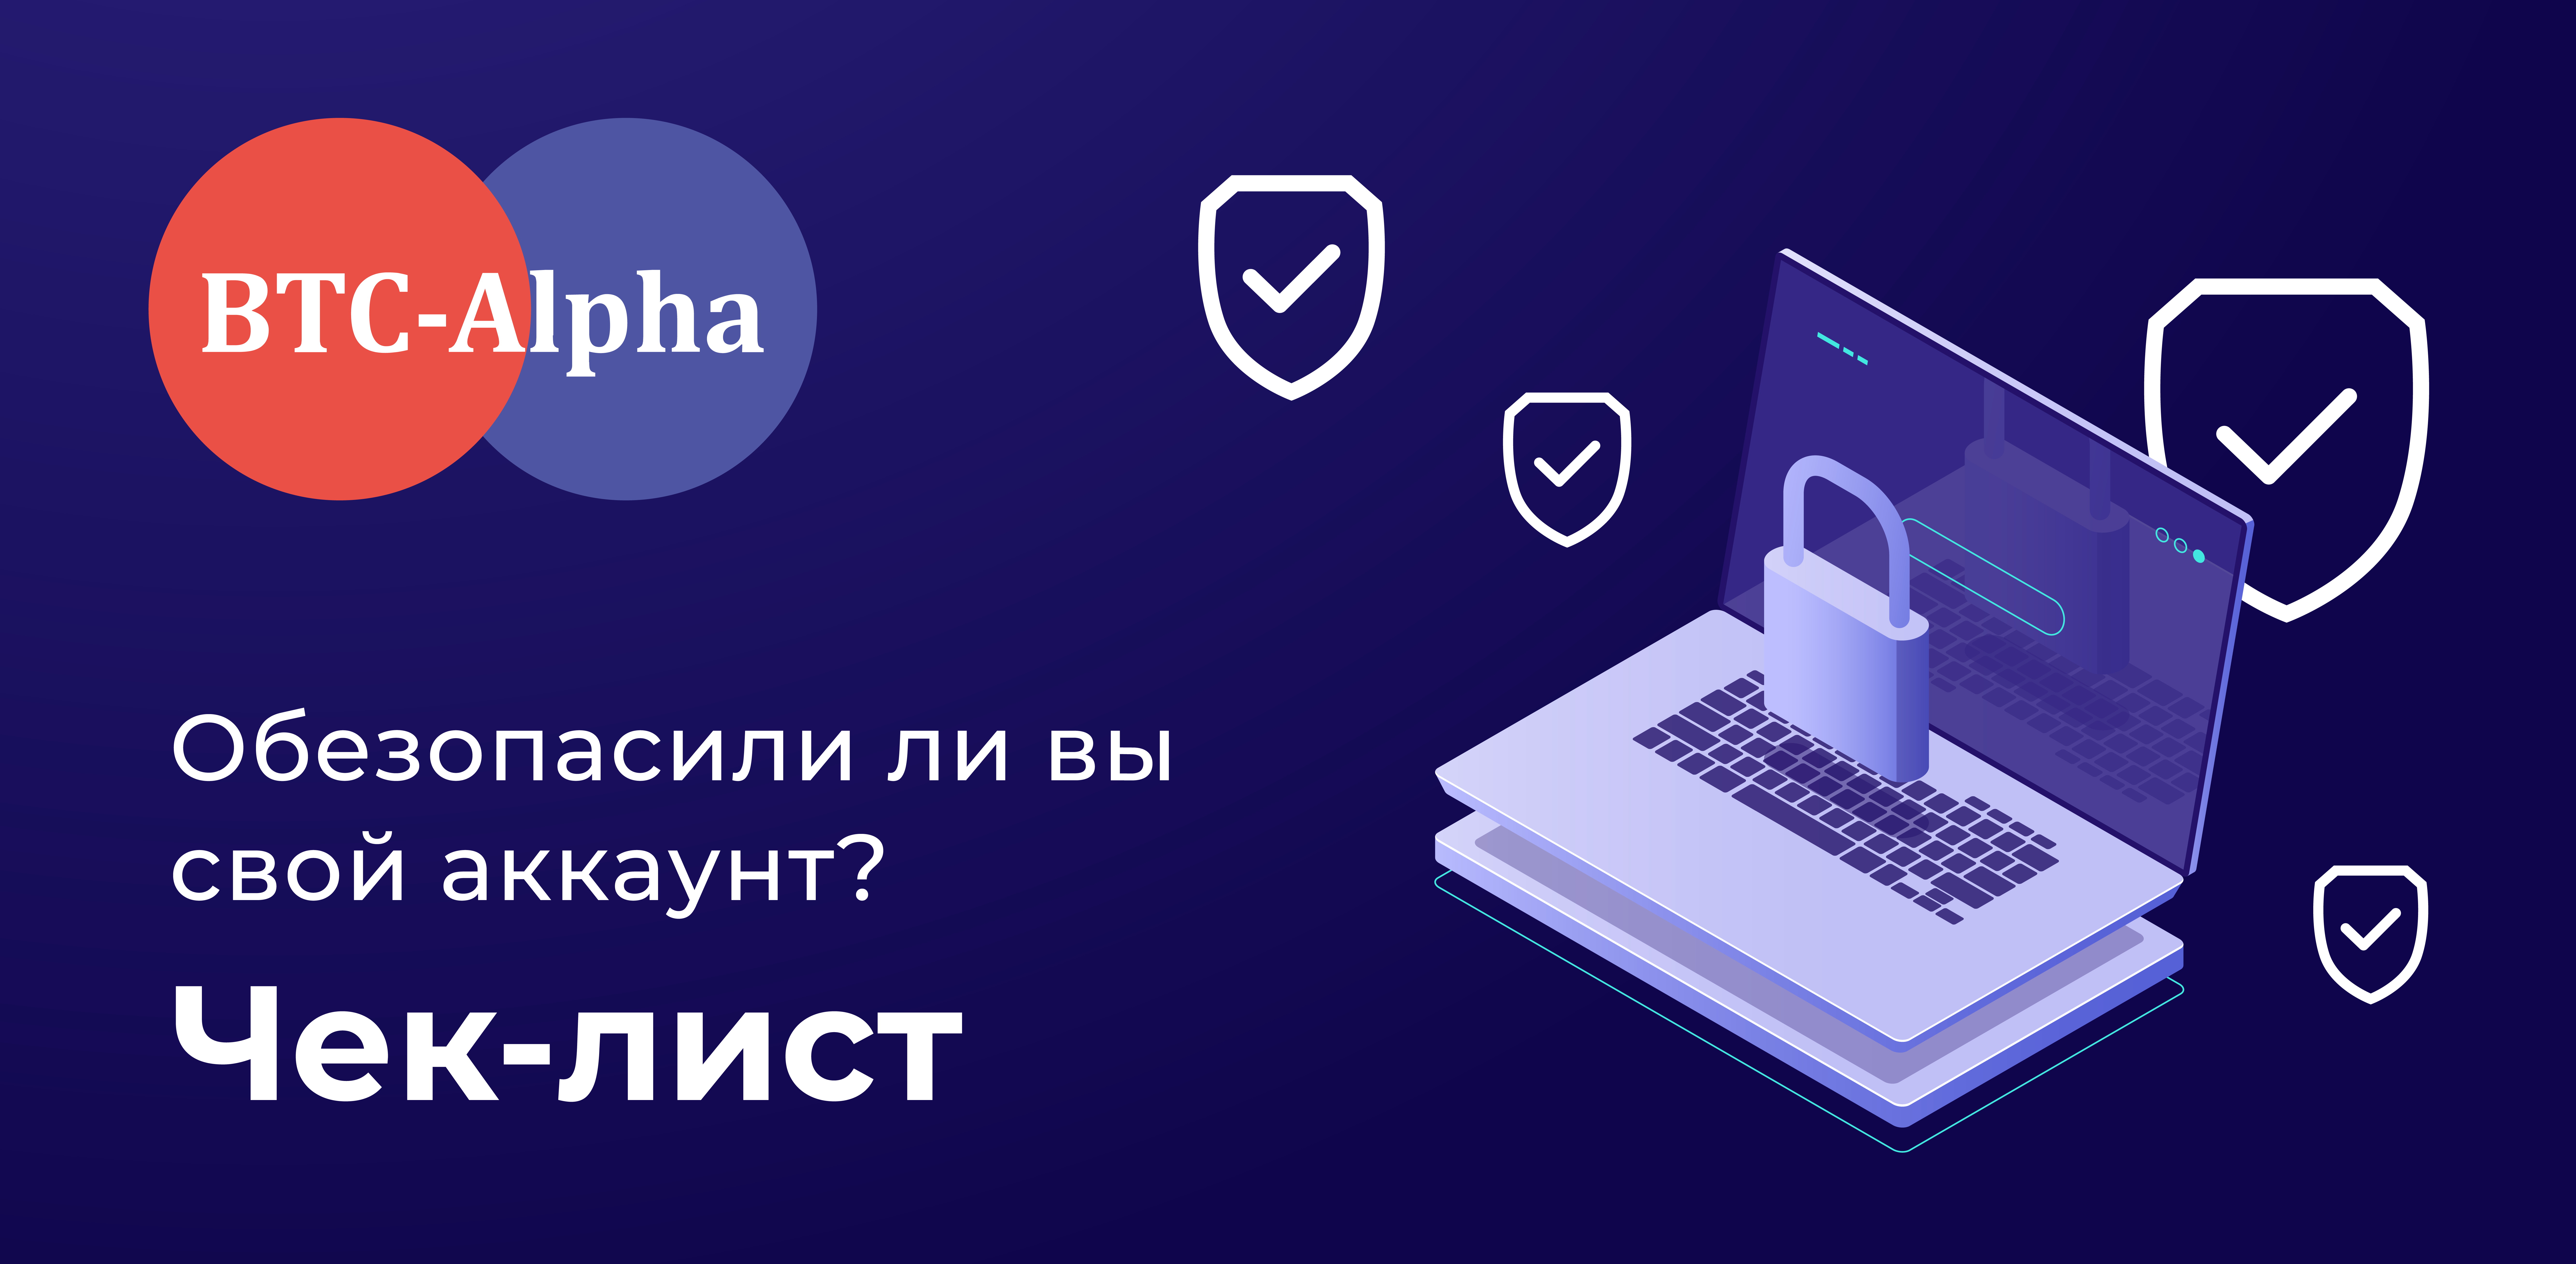 Чек-лист по безопасности активов от BTC-Alpha